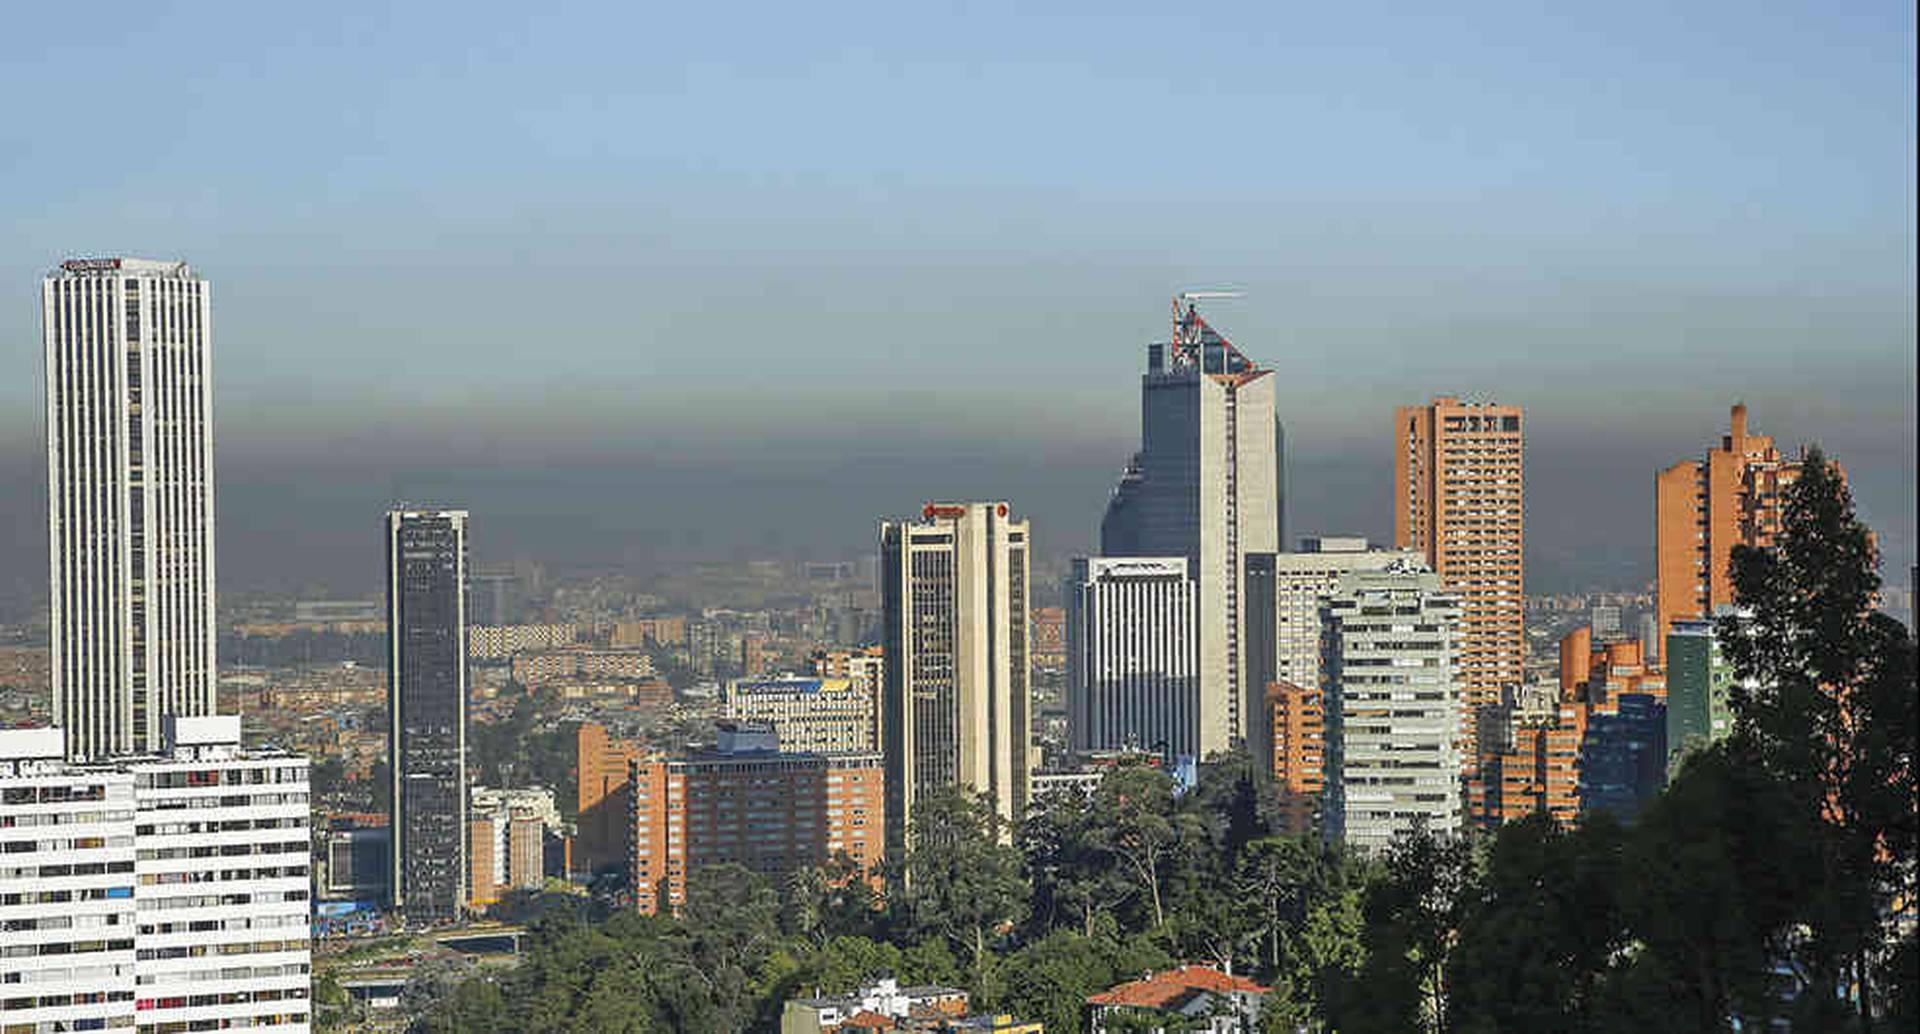 La mala calidad del aire en Bogotá queda en evidencia en las mañanas. En la capital sigue vigente un pico y placa extendido, como decidió la Alcaldía el viernes en la tarde.